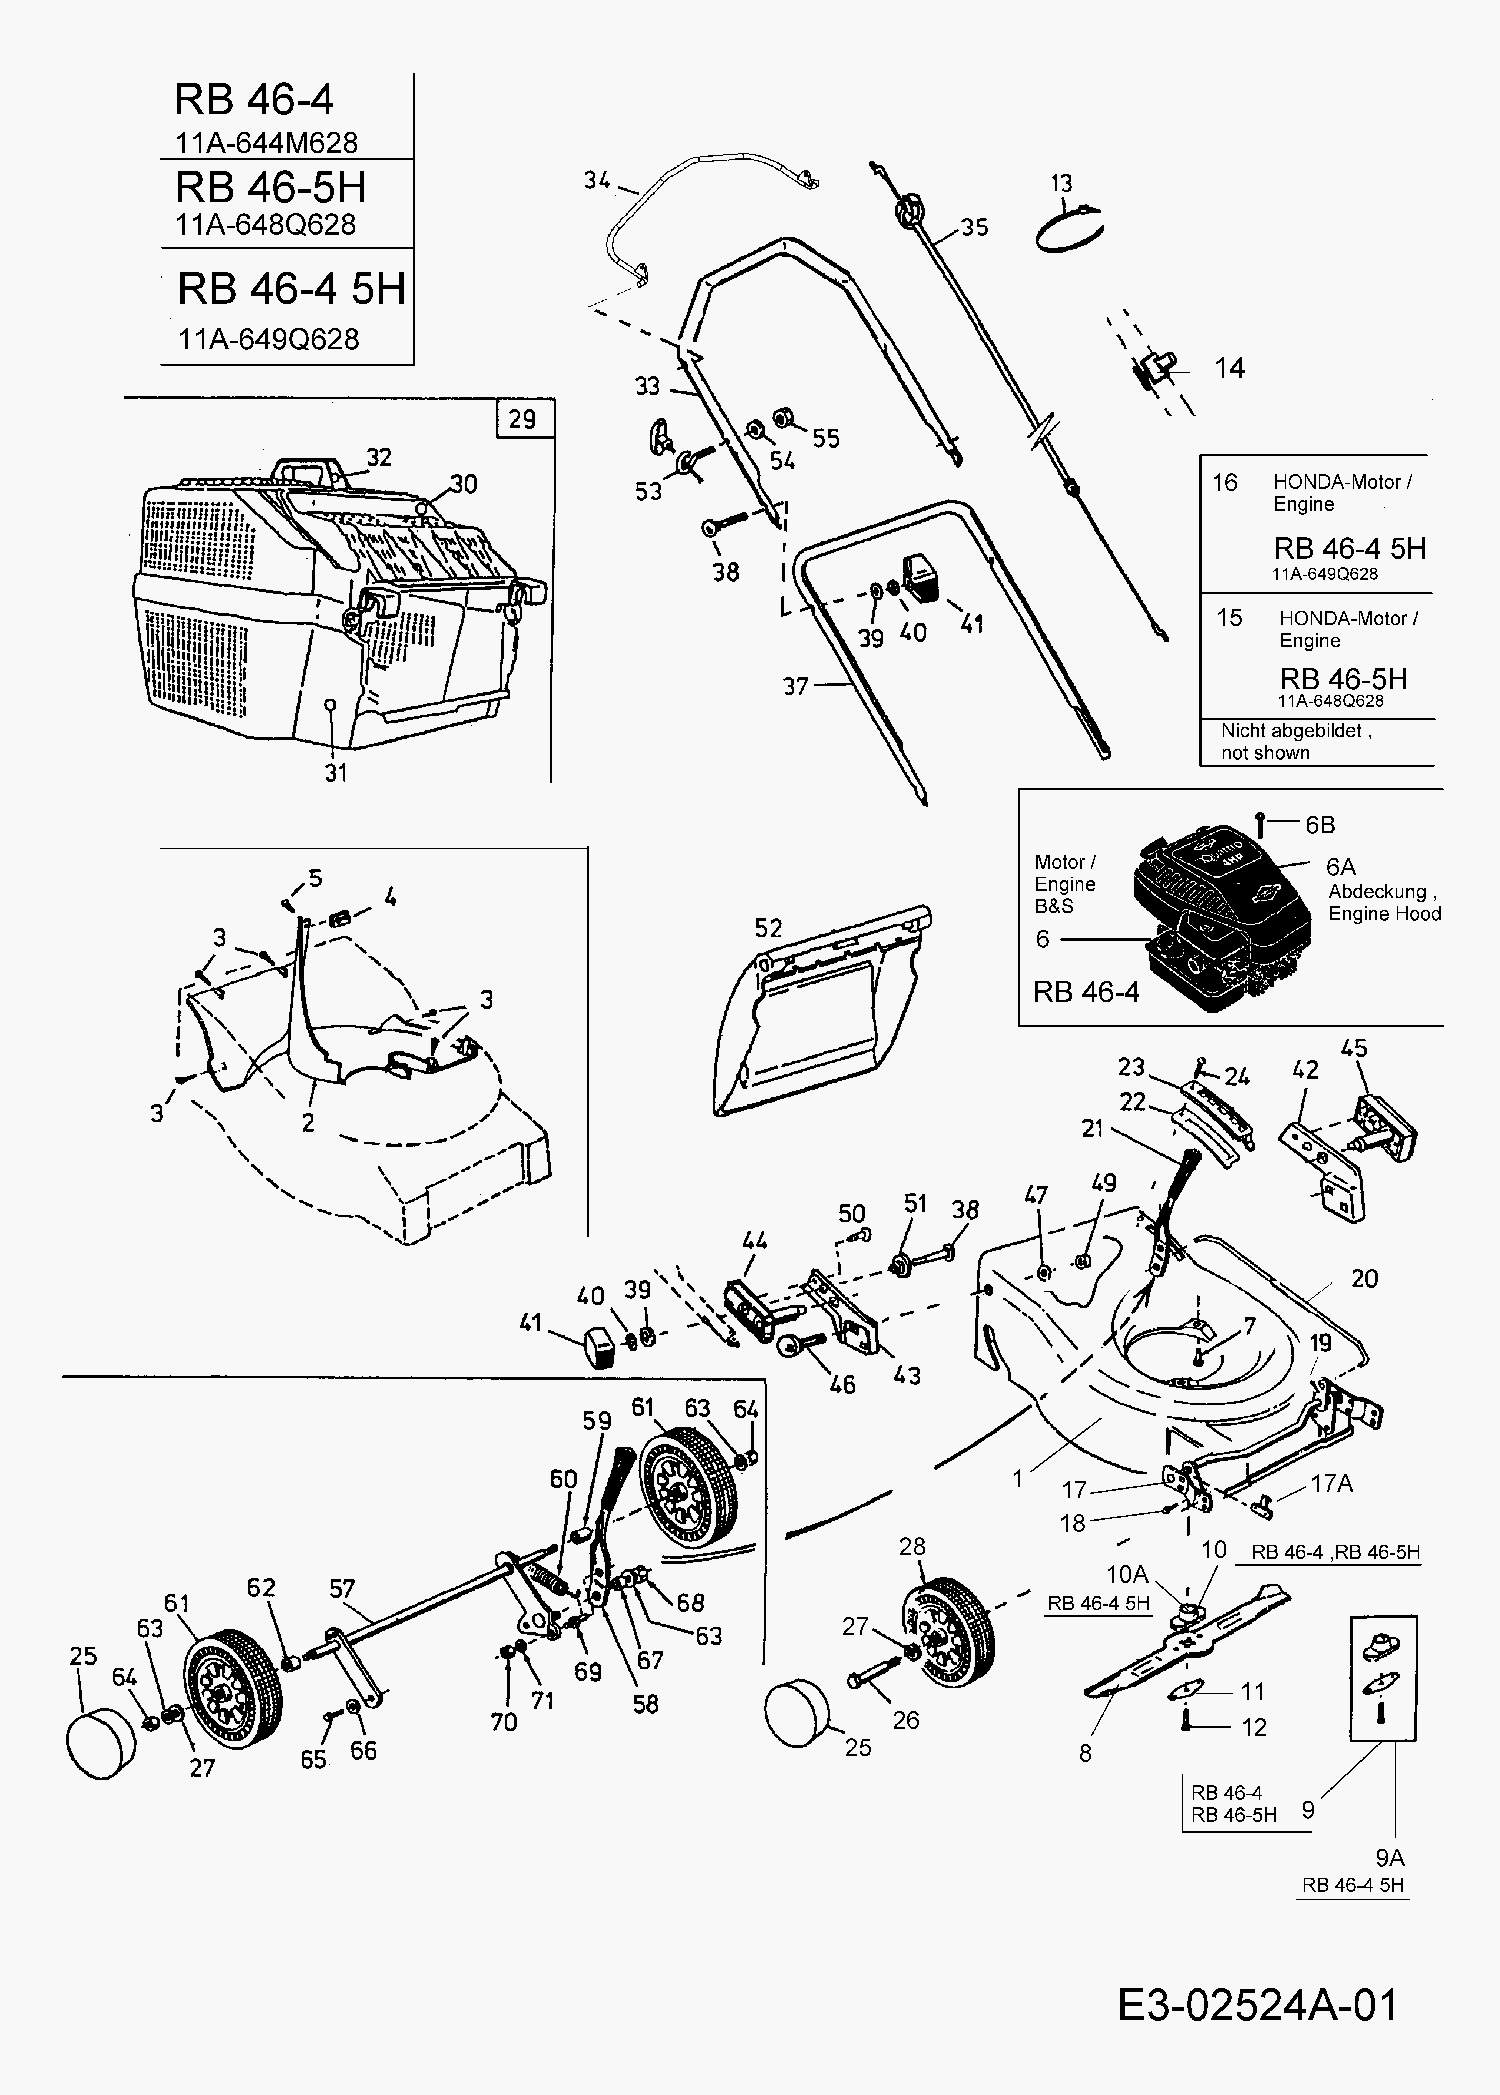 2008 suzuki burgman 650 wiring diagram